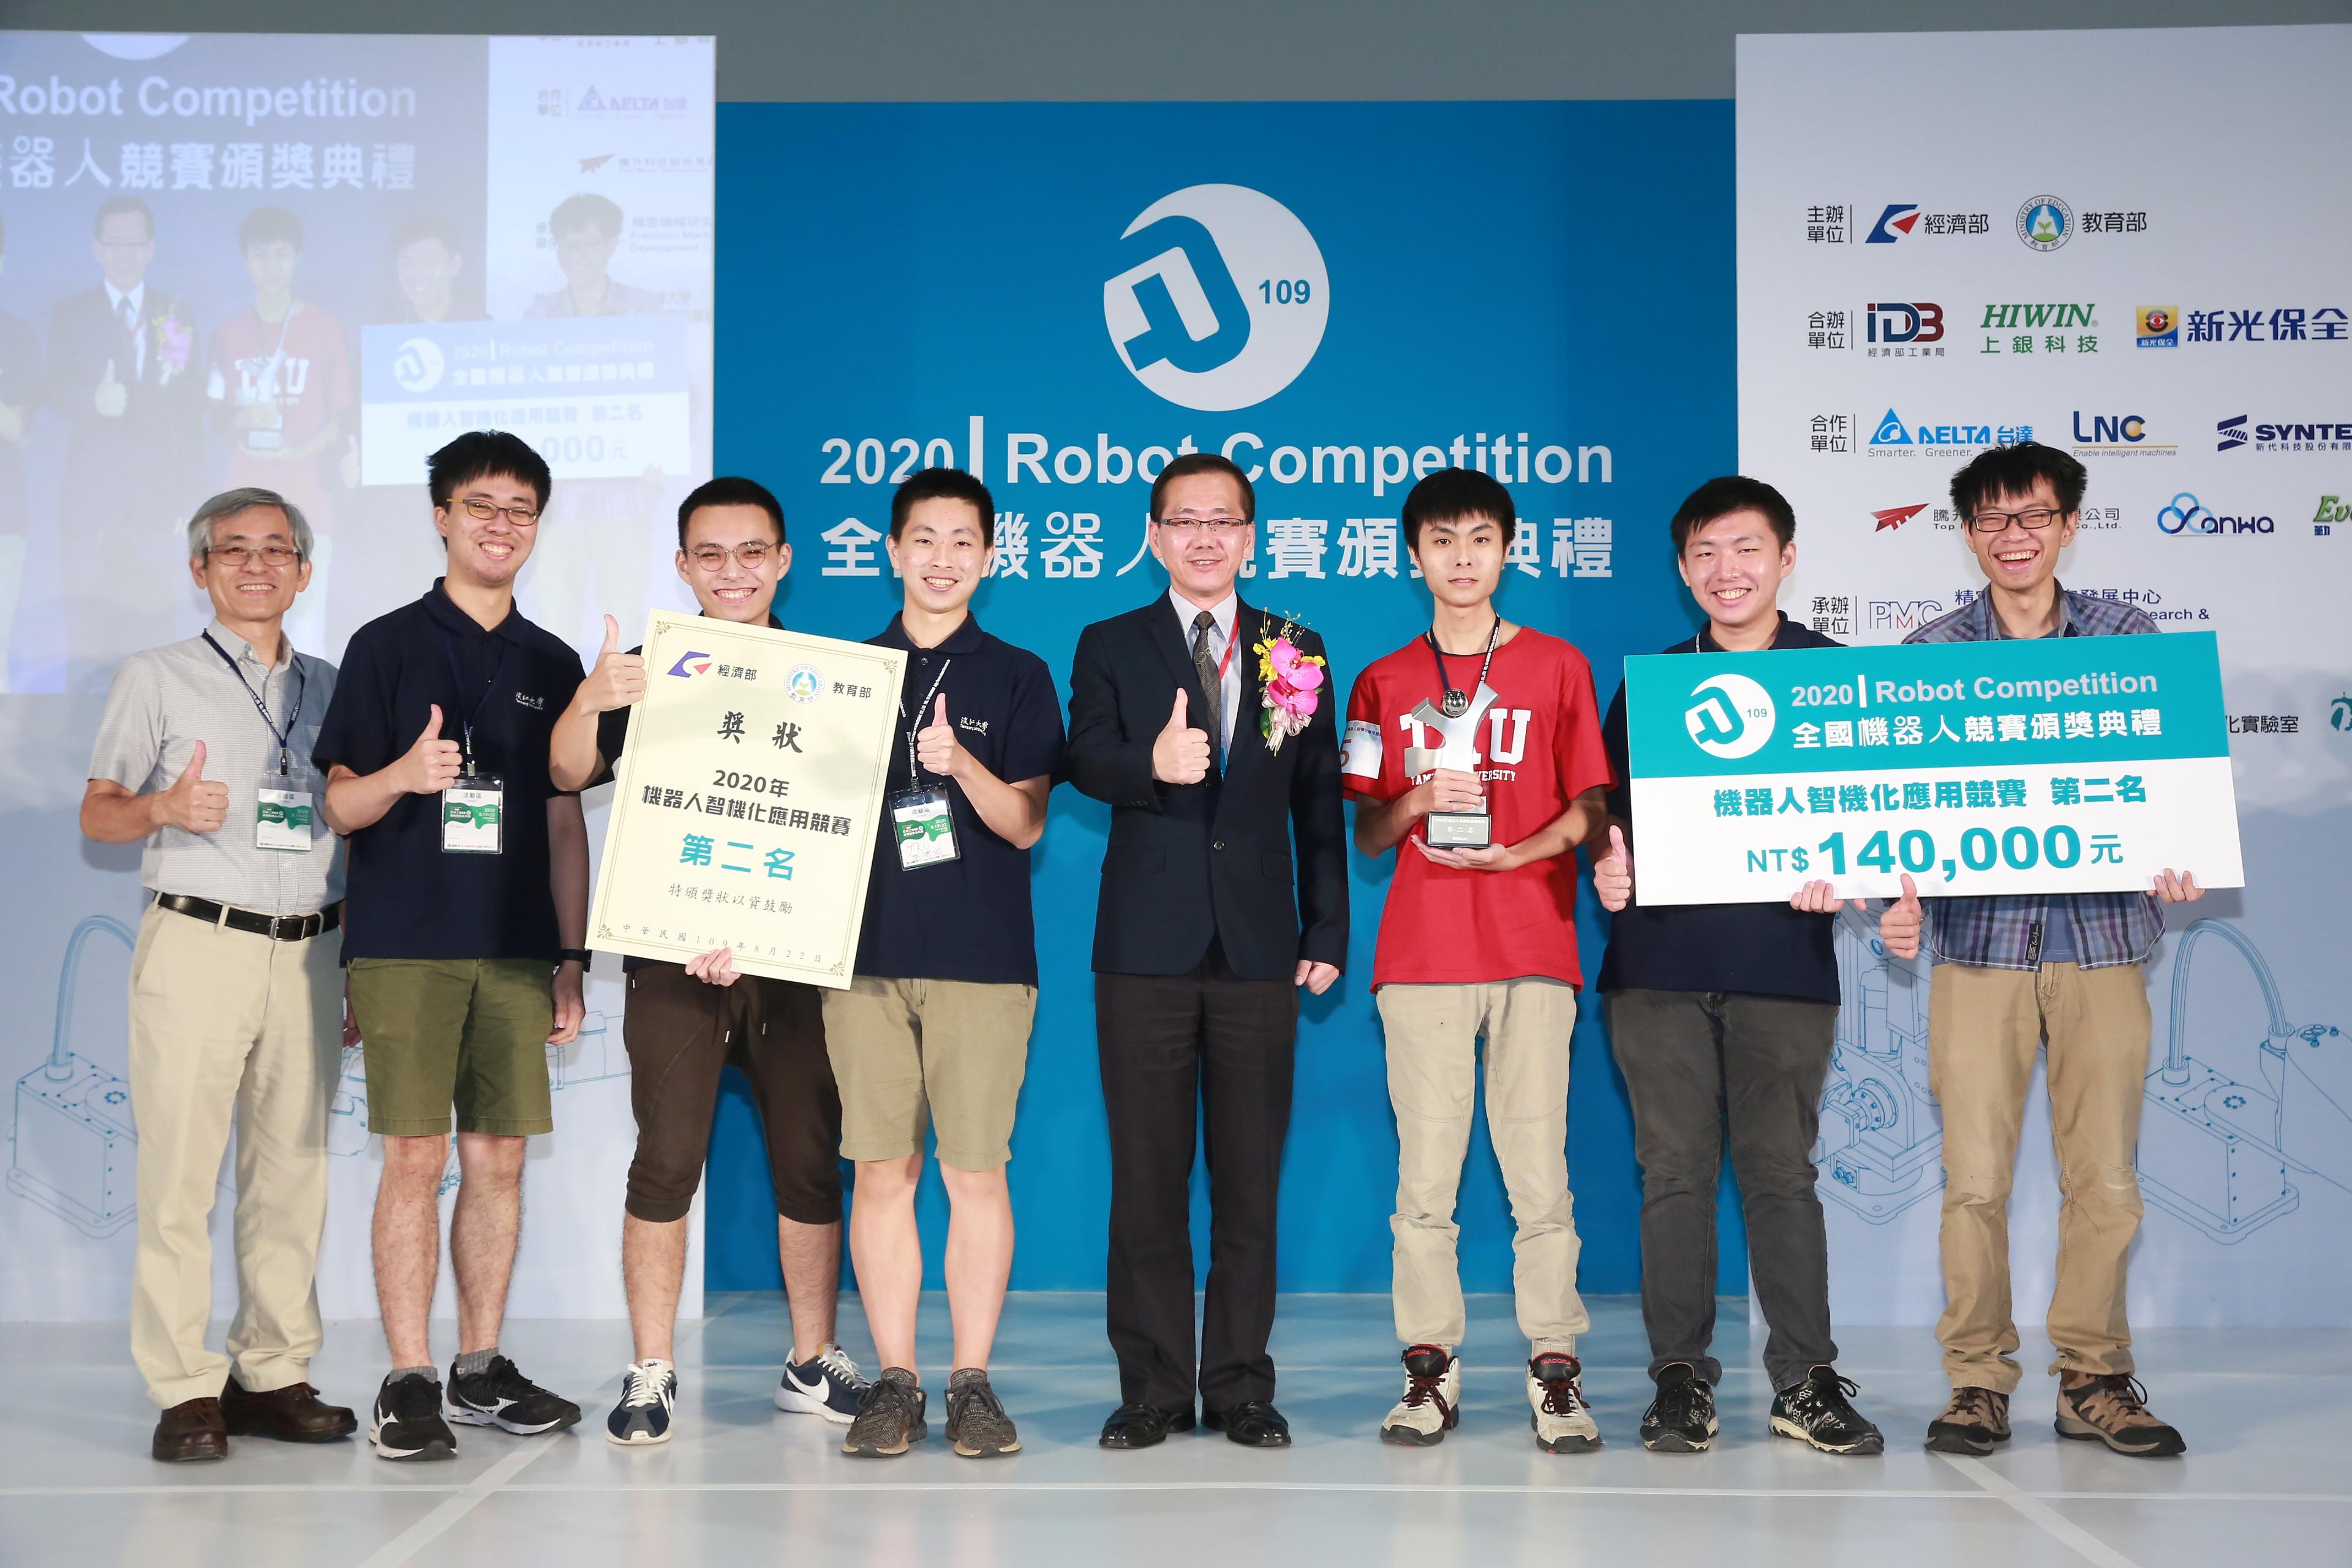 本系王銀添教授指導專題生榮獲經濟部、教育部主辦2020機器人智機化應用競賽第二名。